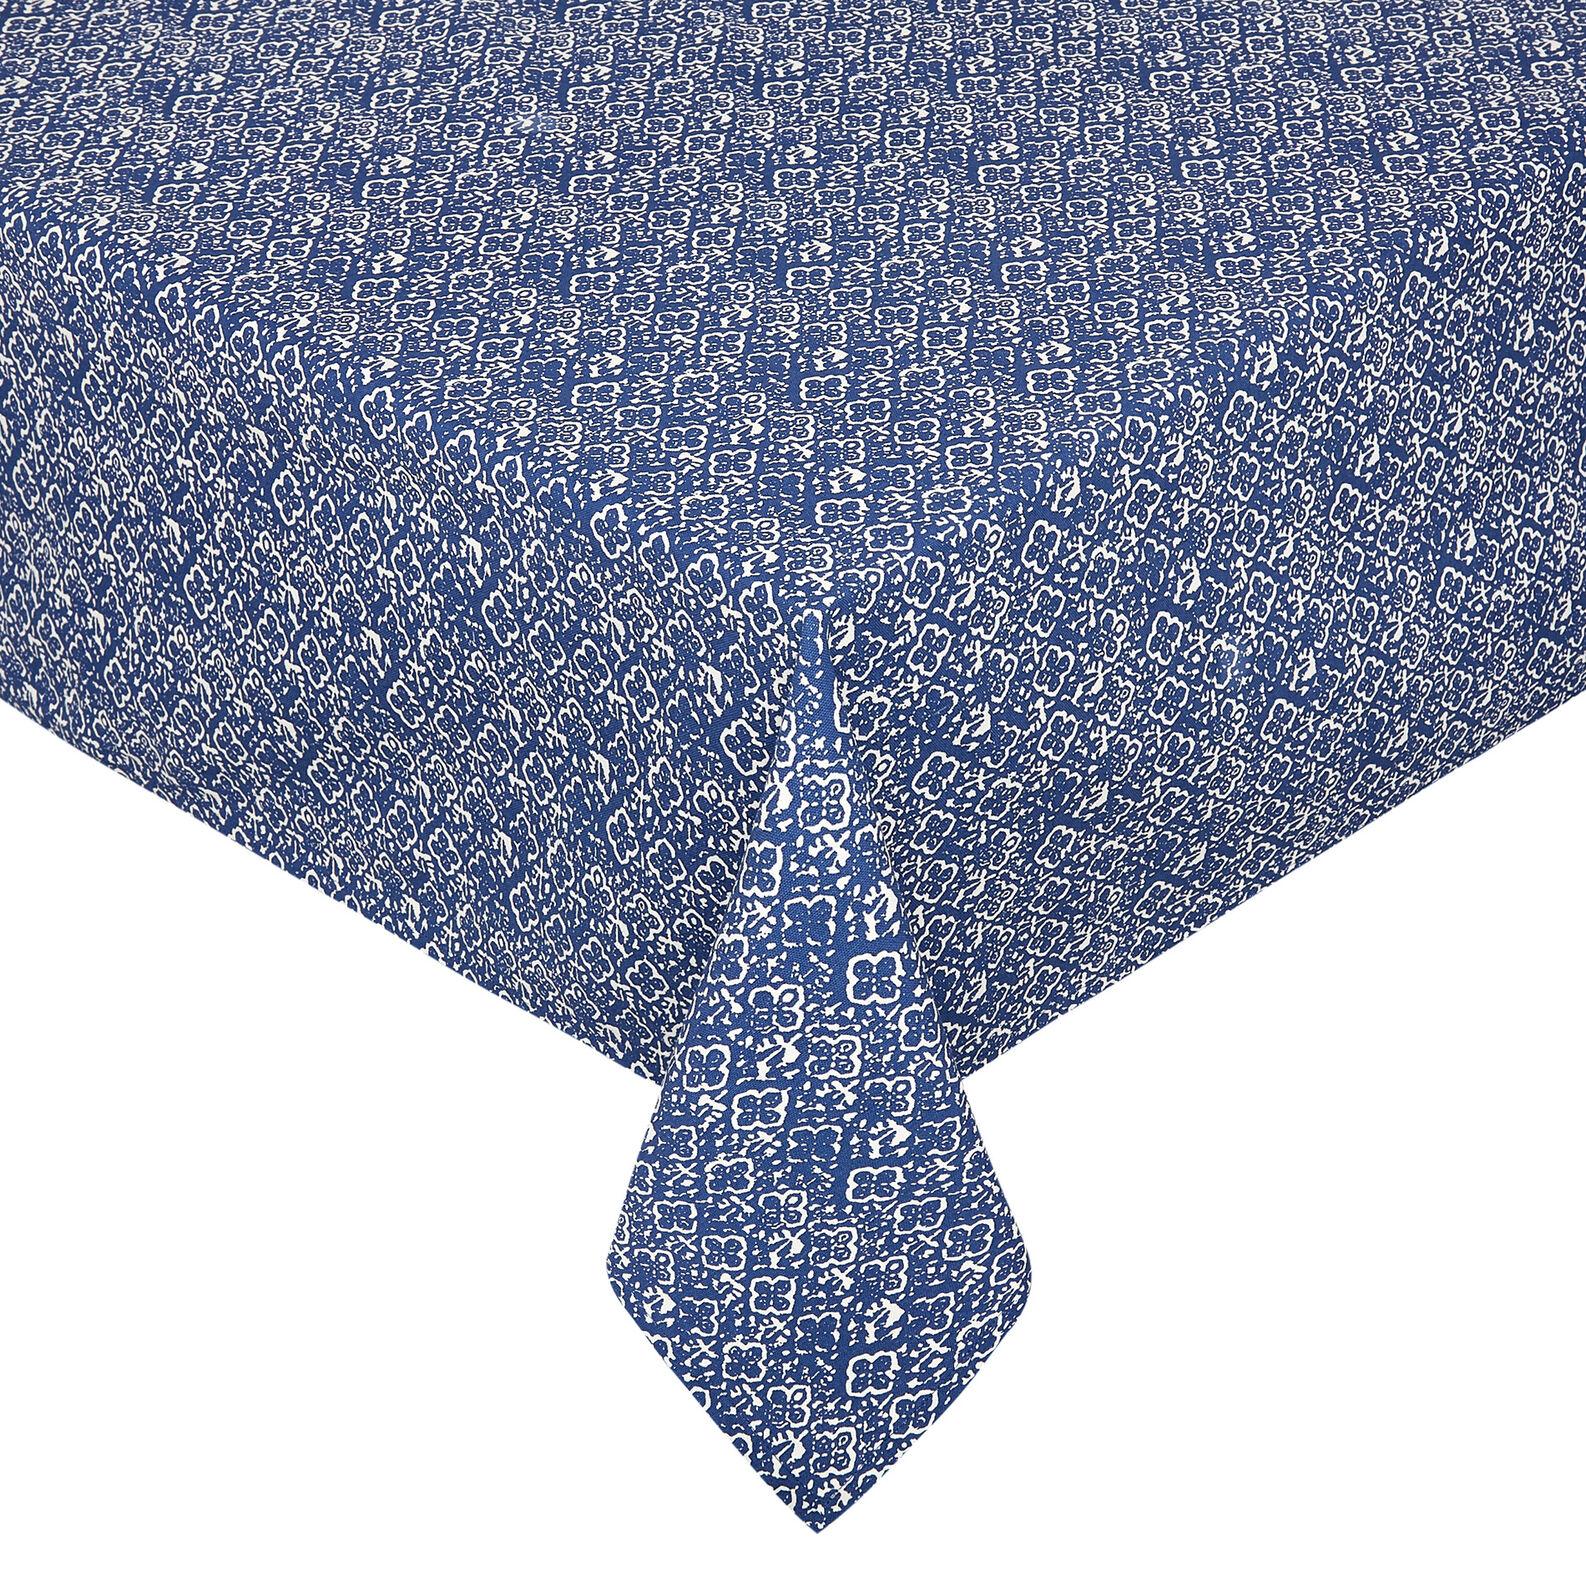 Tovaglia puro cotone stampa ornamentale